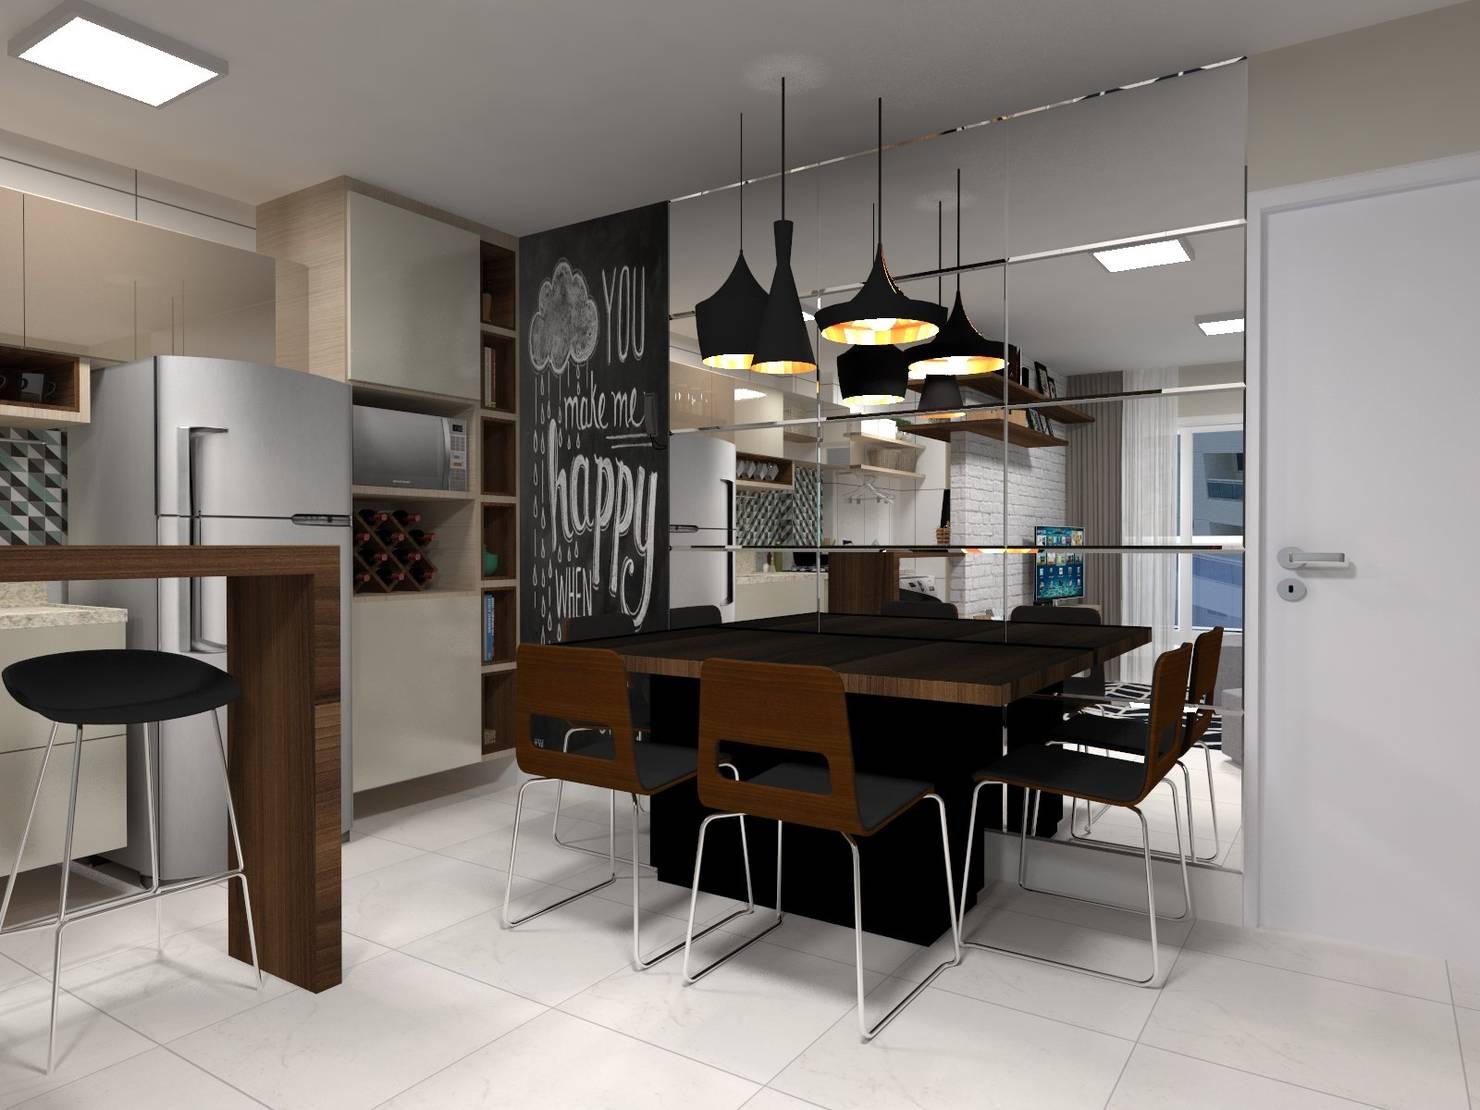 20 Projetos de Decoração em Apartamentos Pequenos com 45m2